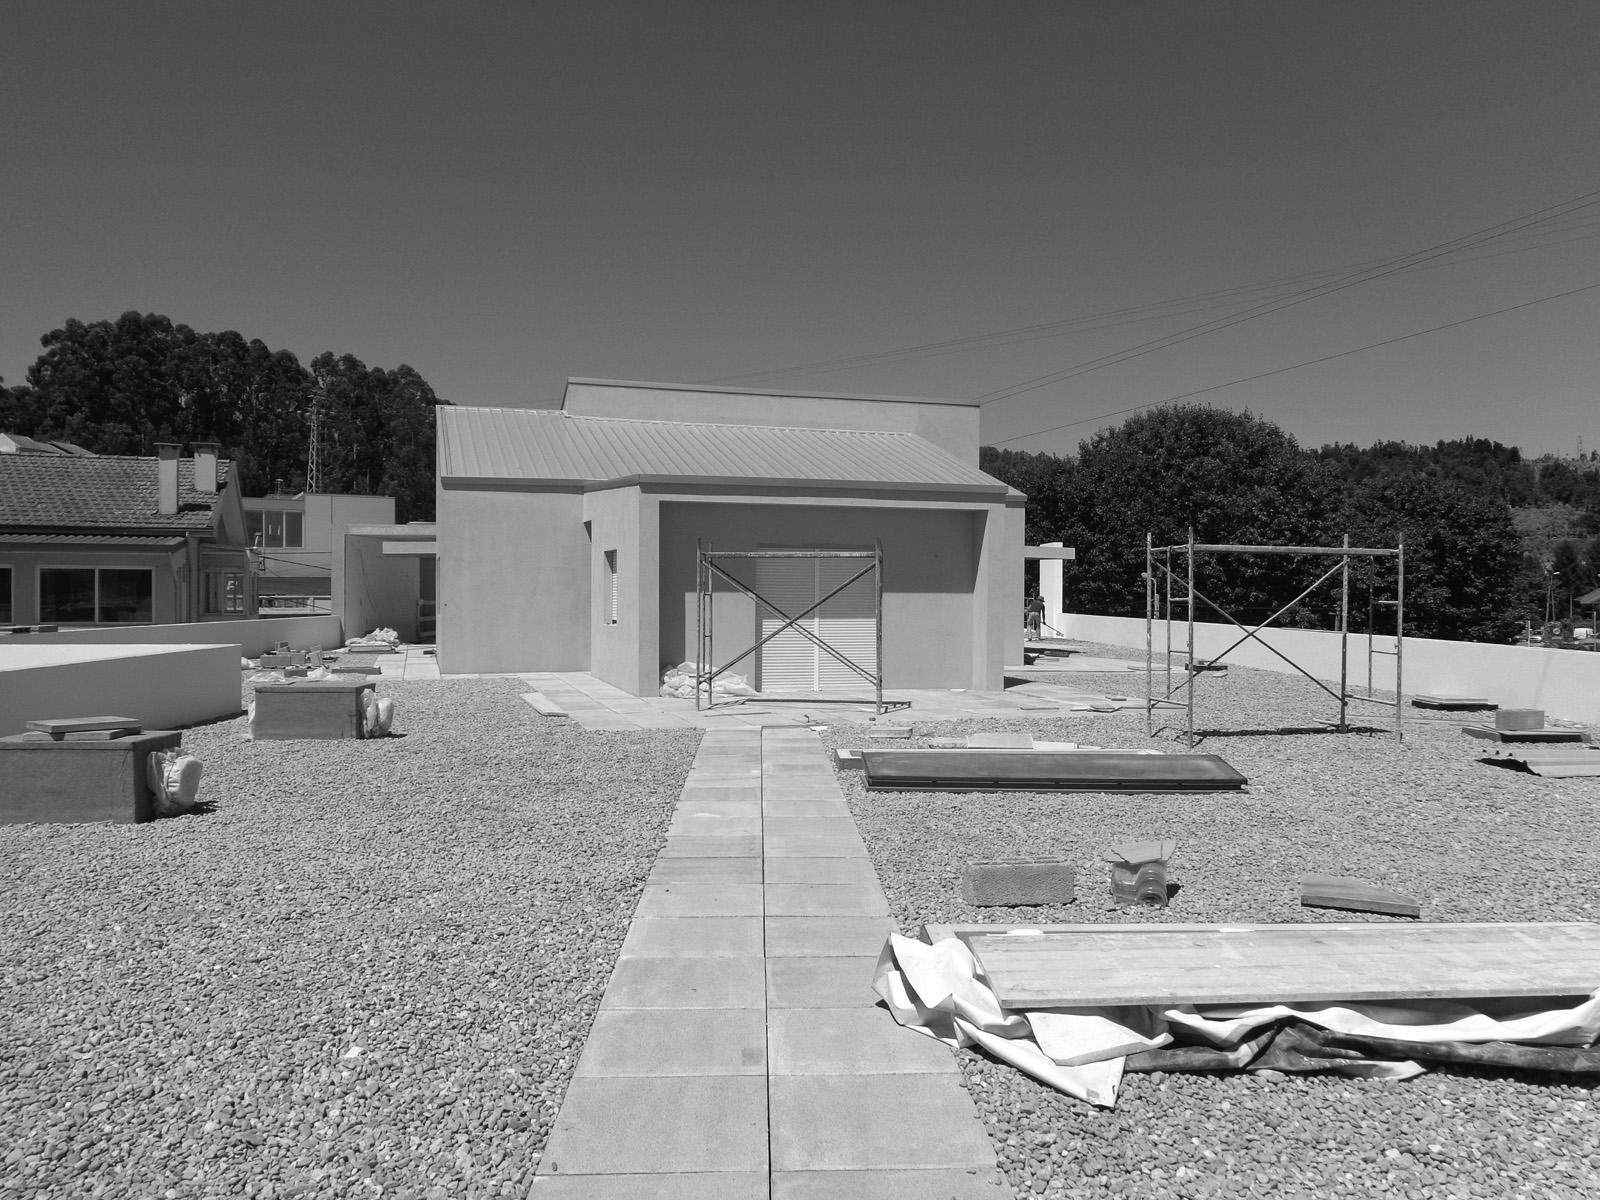 Antero - Construção - Stand - Oficina - BMW - Yamaha - EVA evolutionary architecture - Arquitectos Porto (6).jpg